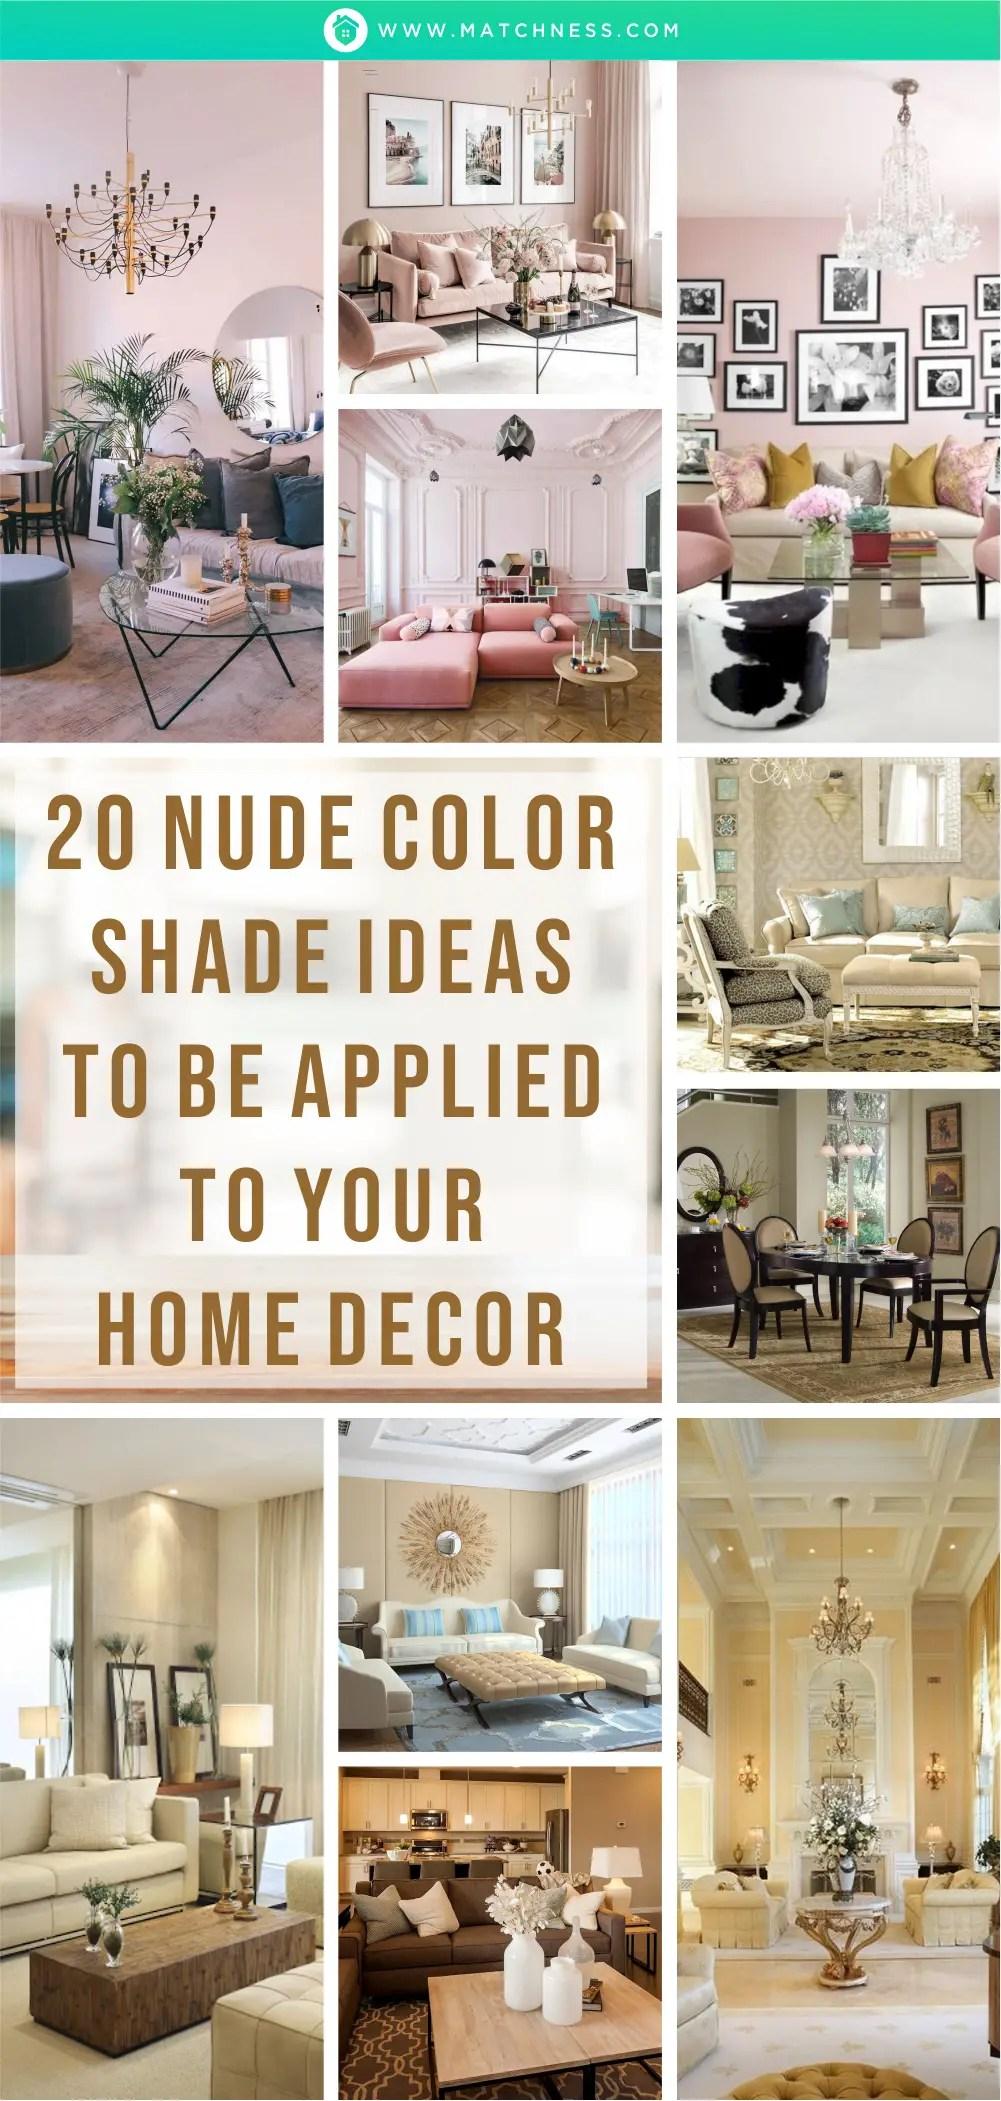 20 idee per tonalità di colore nudo da applicare all'arredamento della tua casa 1